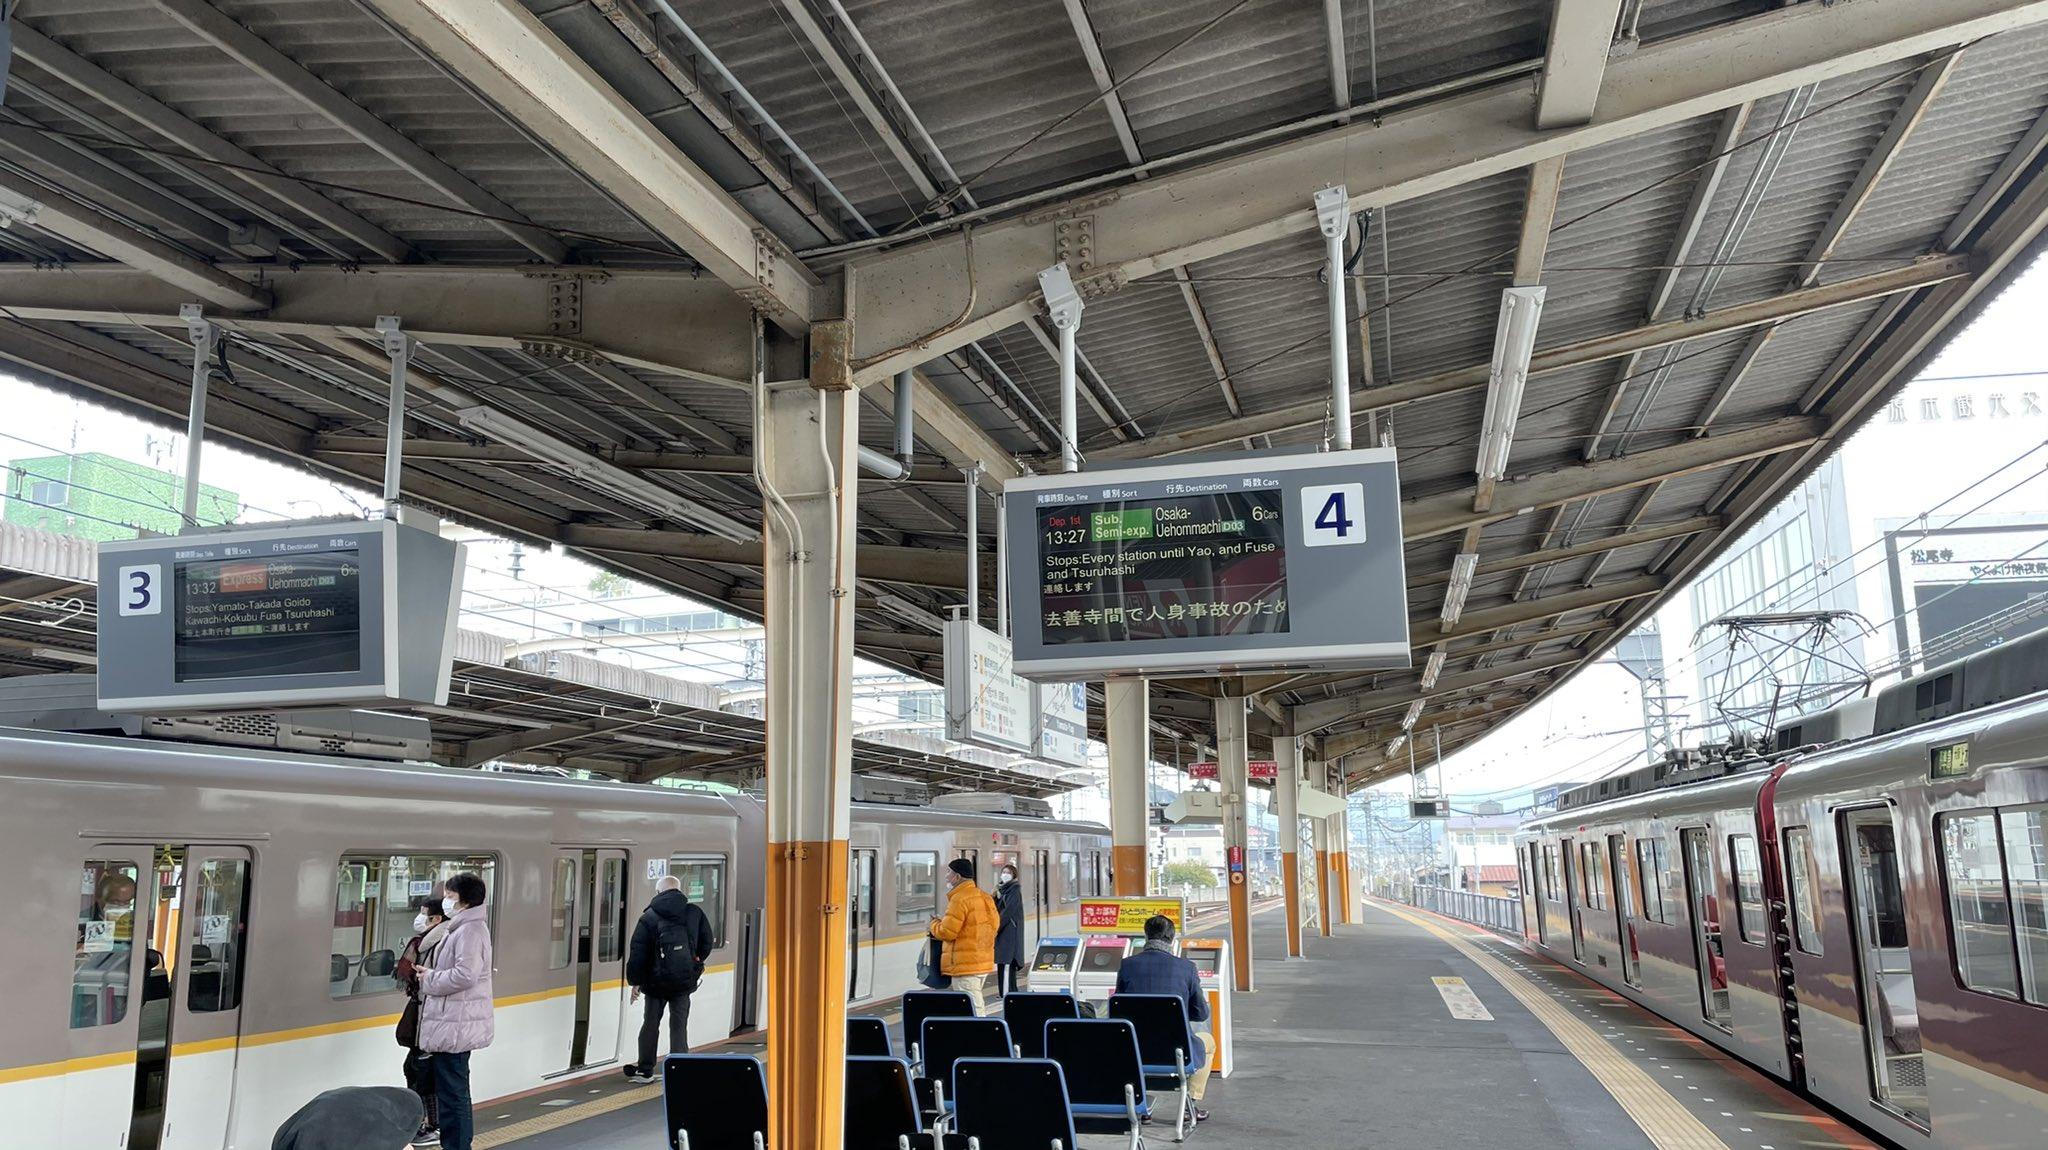 近鉄大阪線の恩智駅~法善寺駅で人身事故の画像